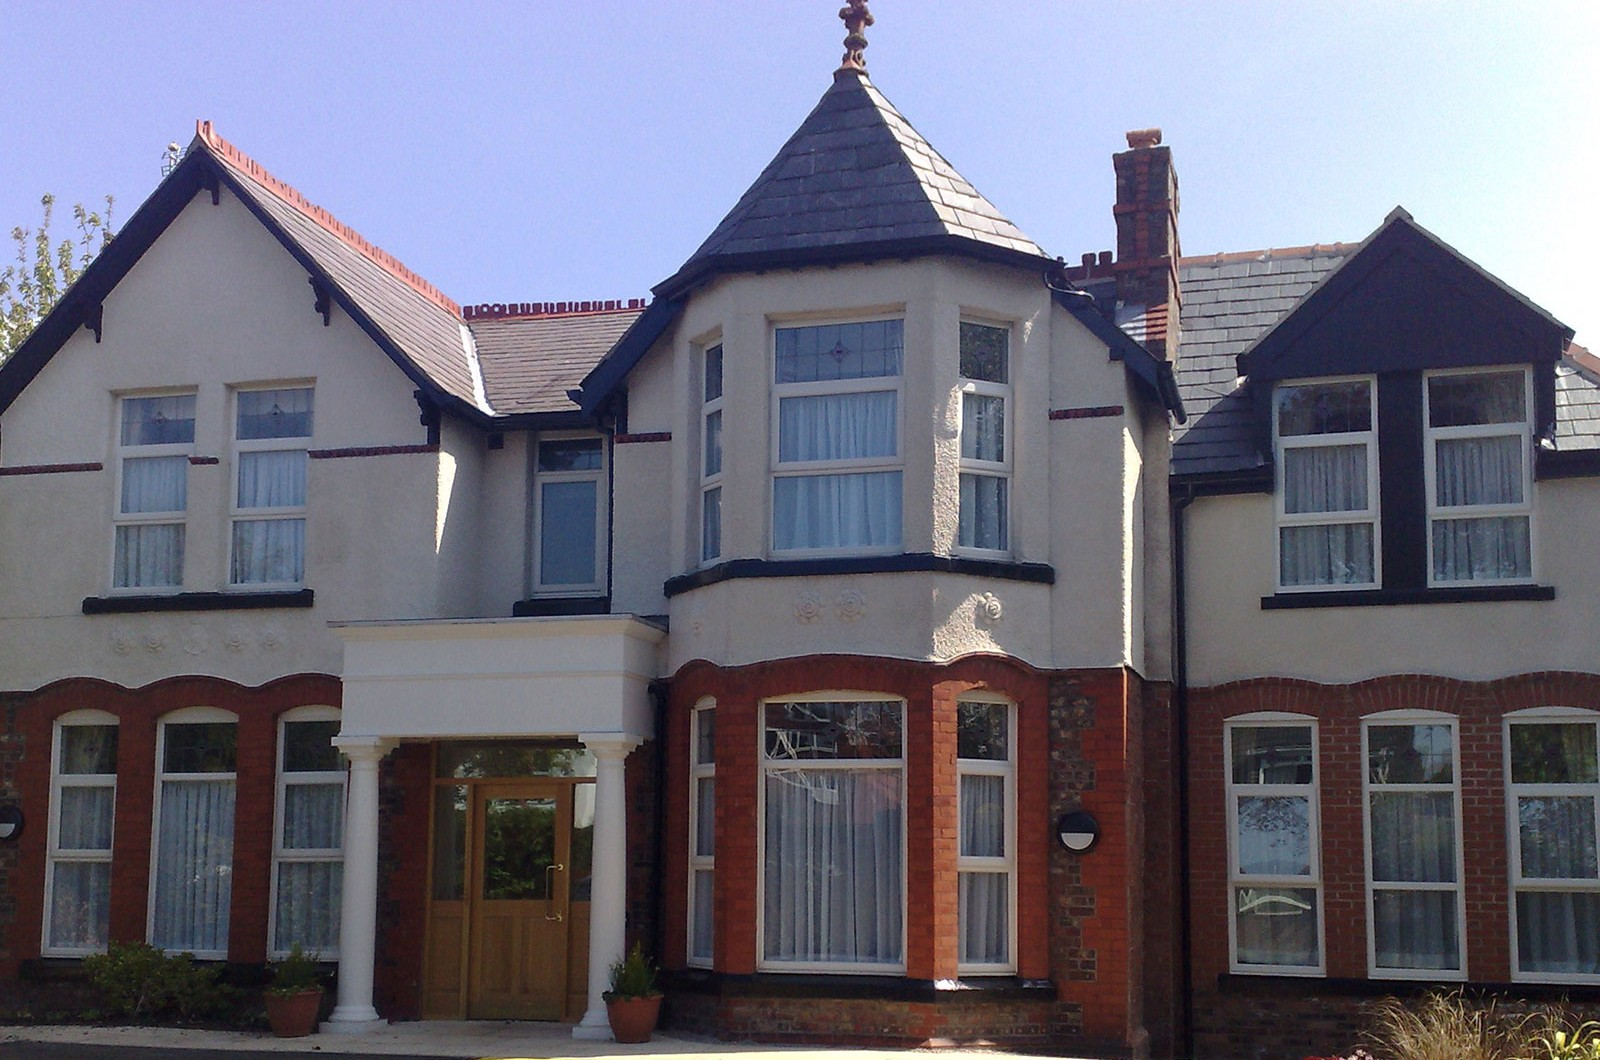 Sanderling House